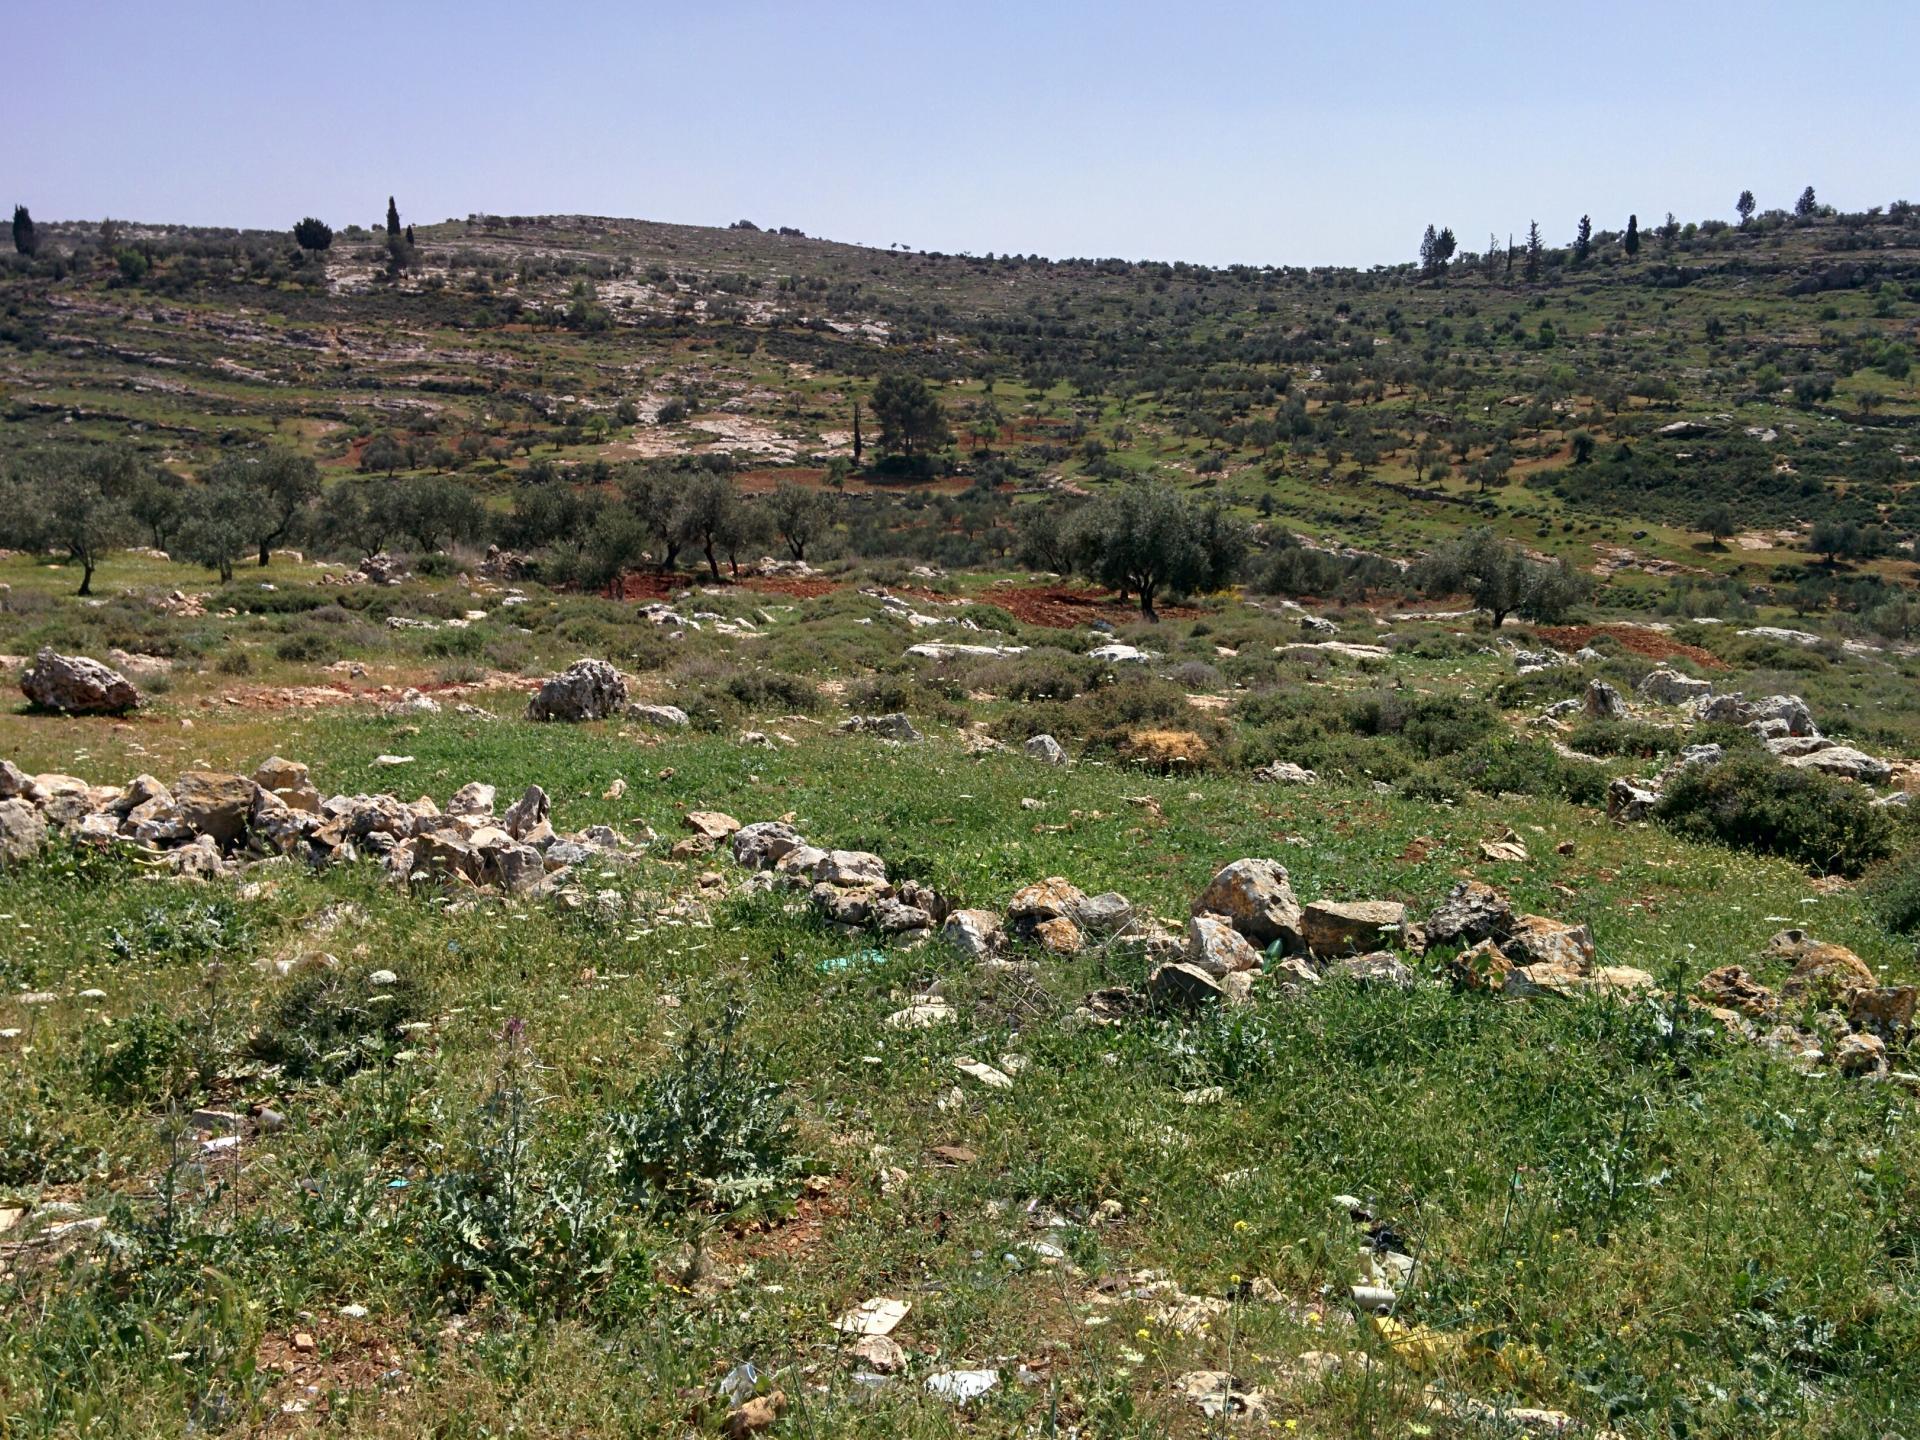 אדמות פרטיות של חקלאי דיר אל חטב ב-21.3.18 לאחר שני ימי ההיתר לחריש במרץ השנה